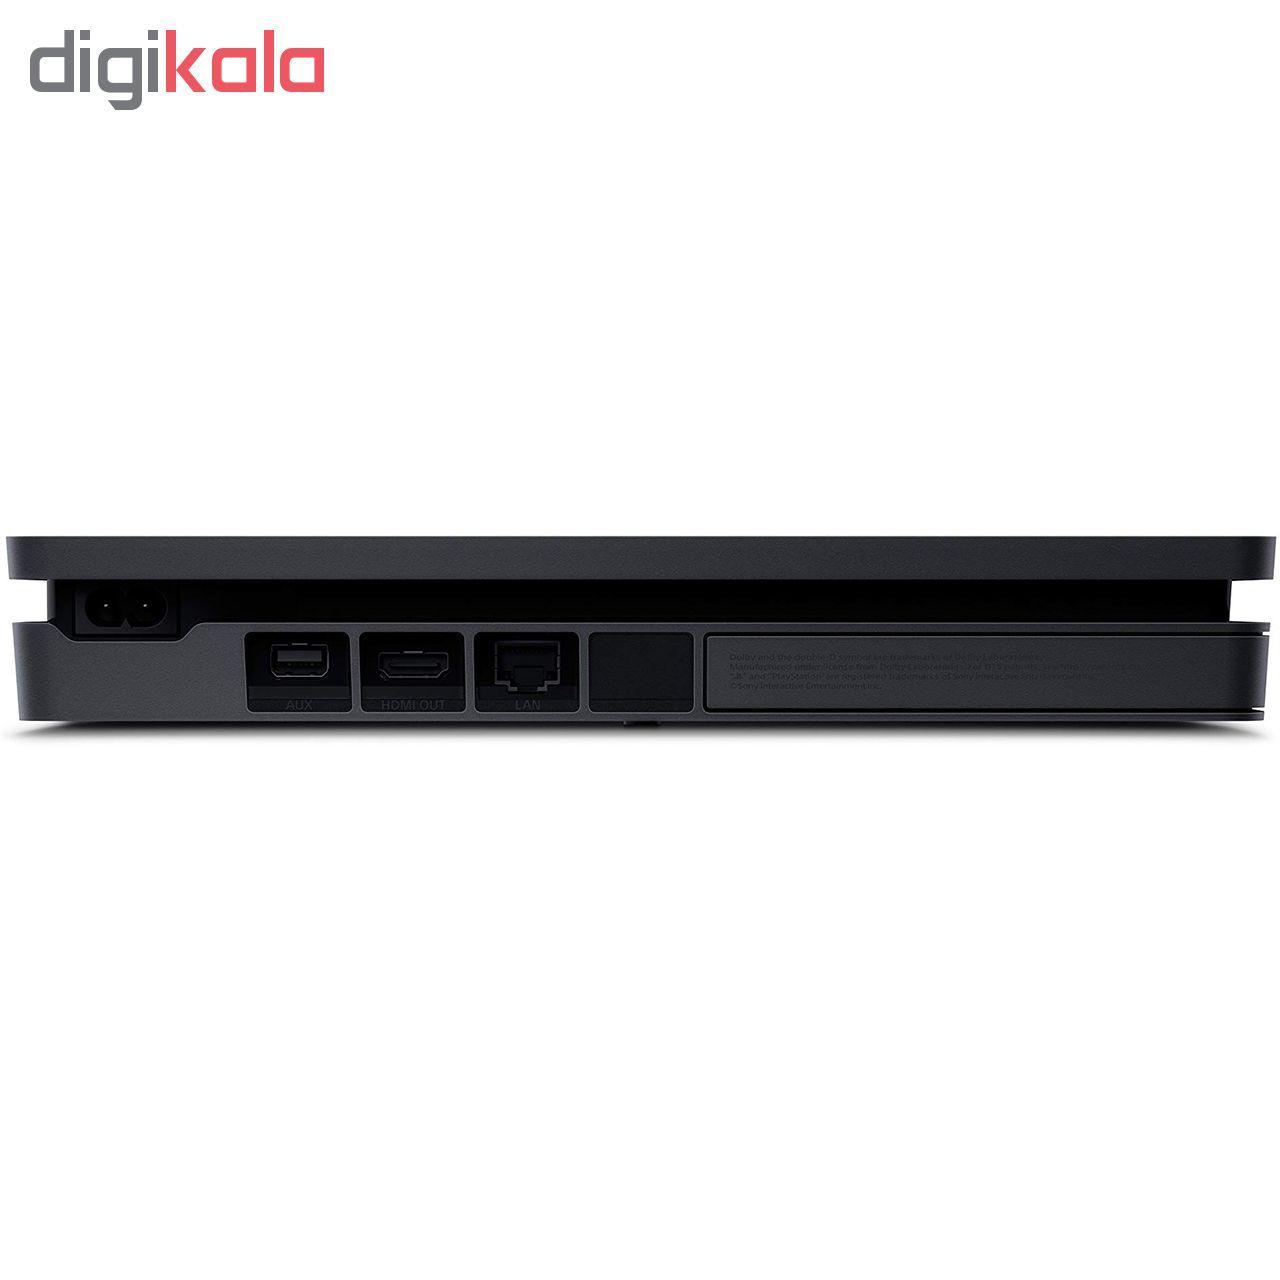 کنسول بازی سونی مدل Playstation 4 Slim کد Region 2 CUH-2216A - ظرفیت 500 گیگابایت main 1 3